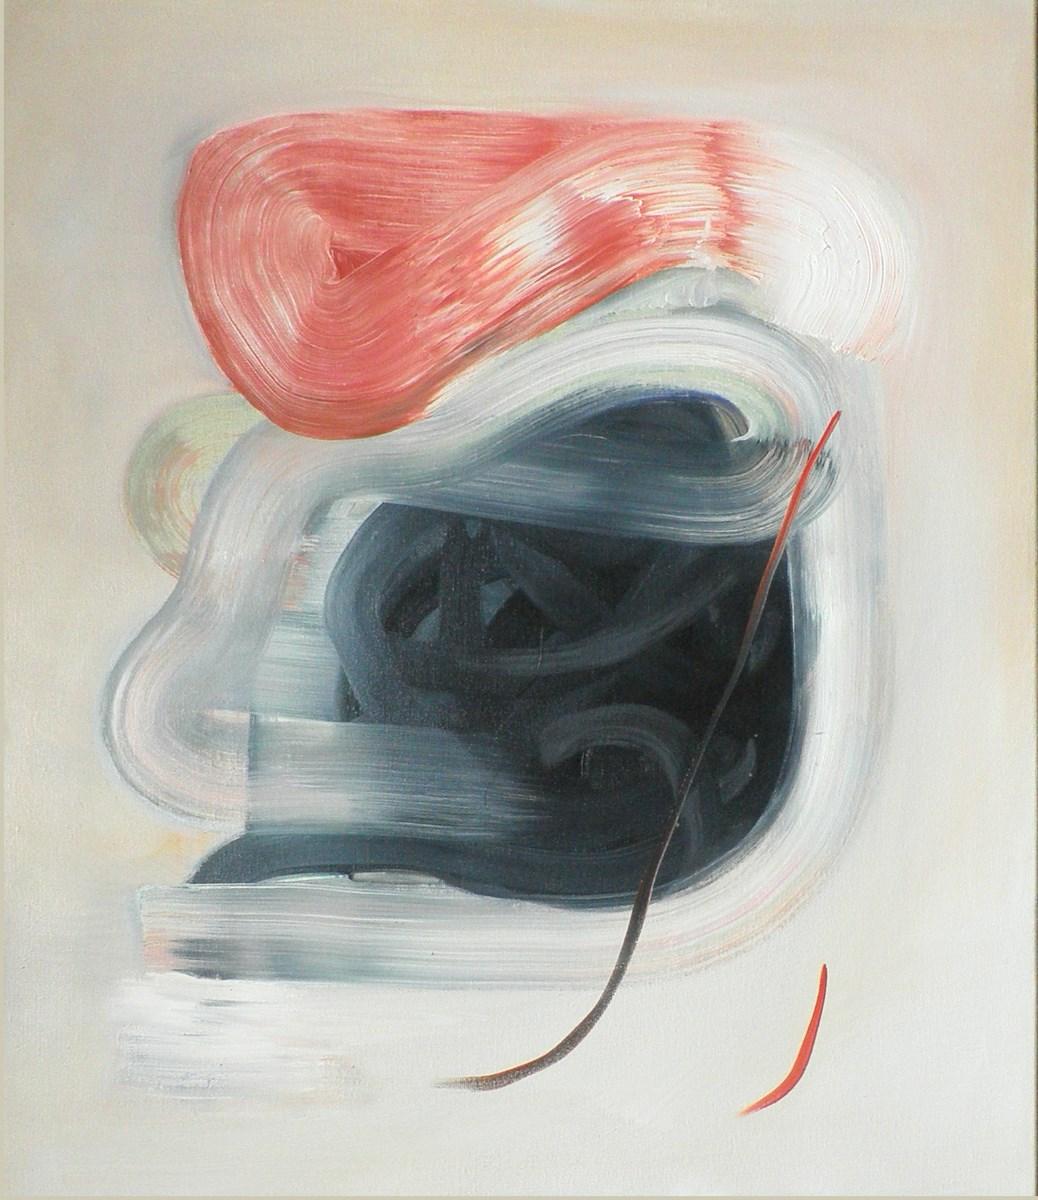 """Dorota Buczkowska, z serii """"Tickle the palate"""", 2013 (źródło: materiały prasowe organizat"""